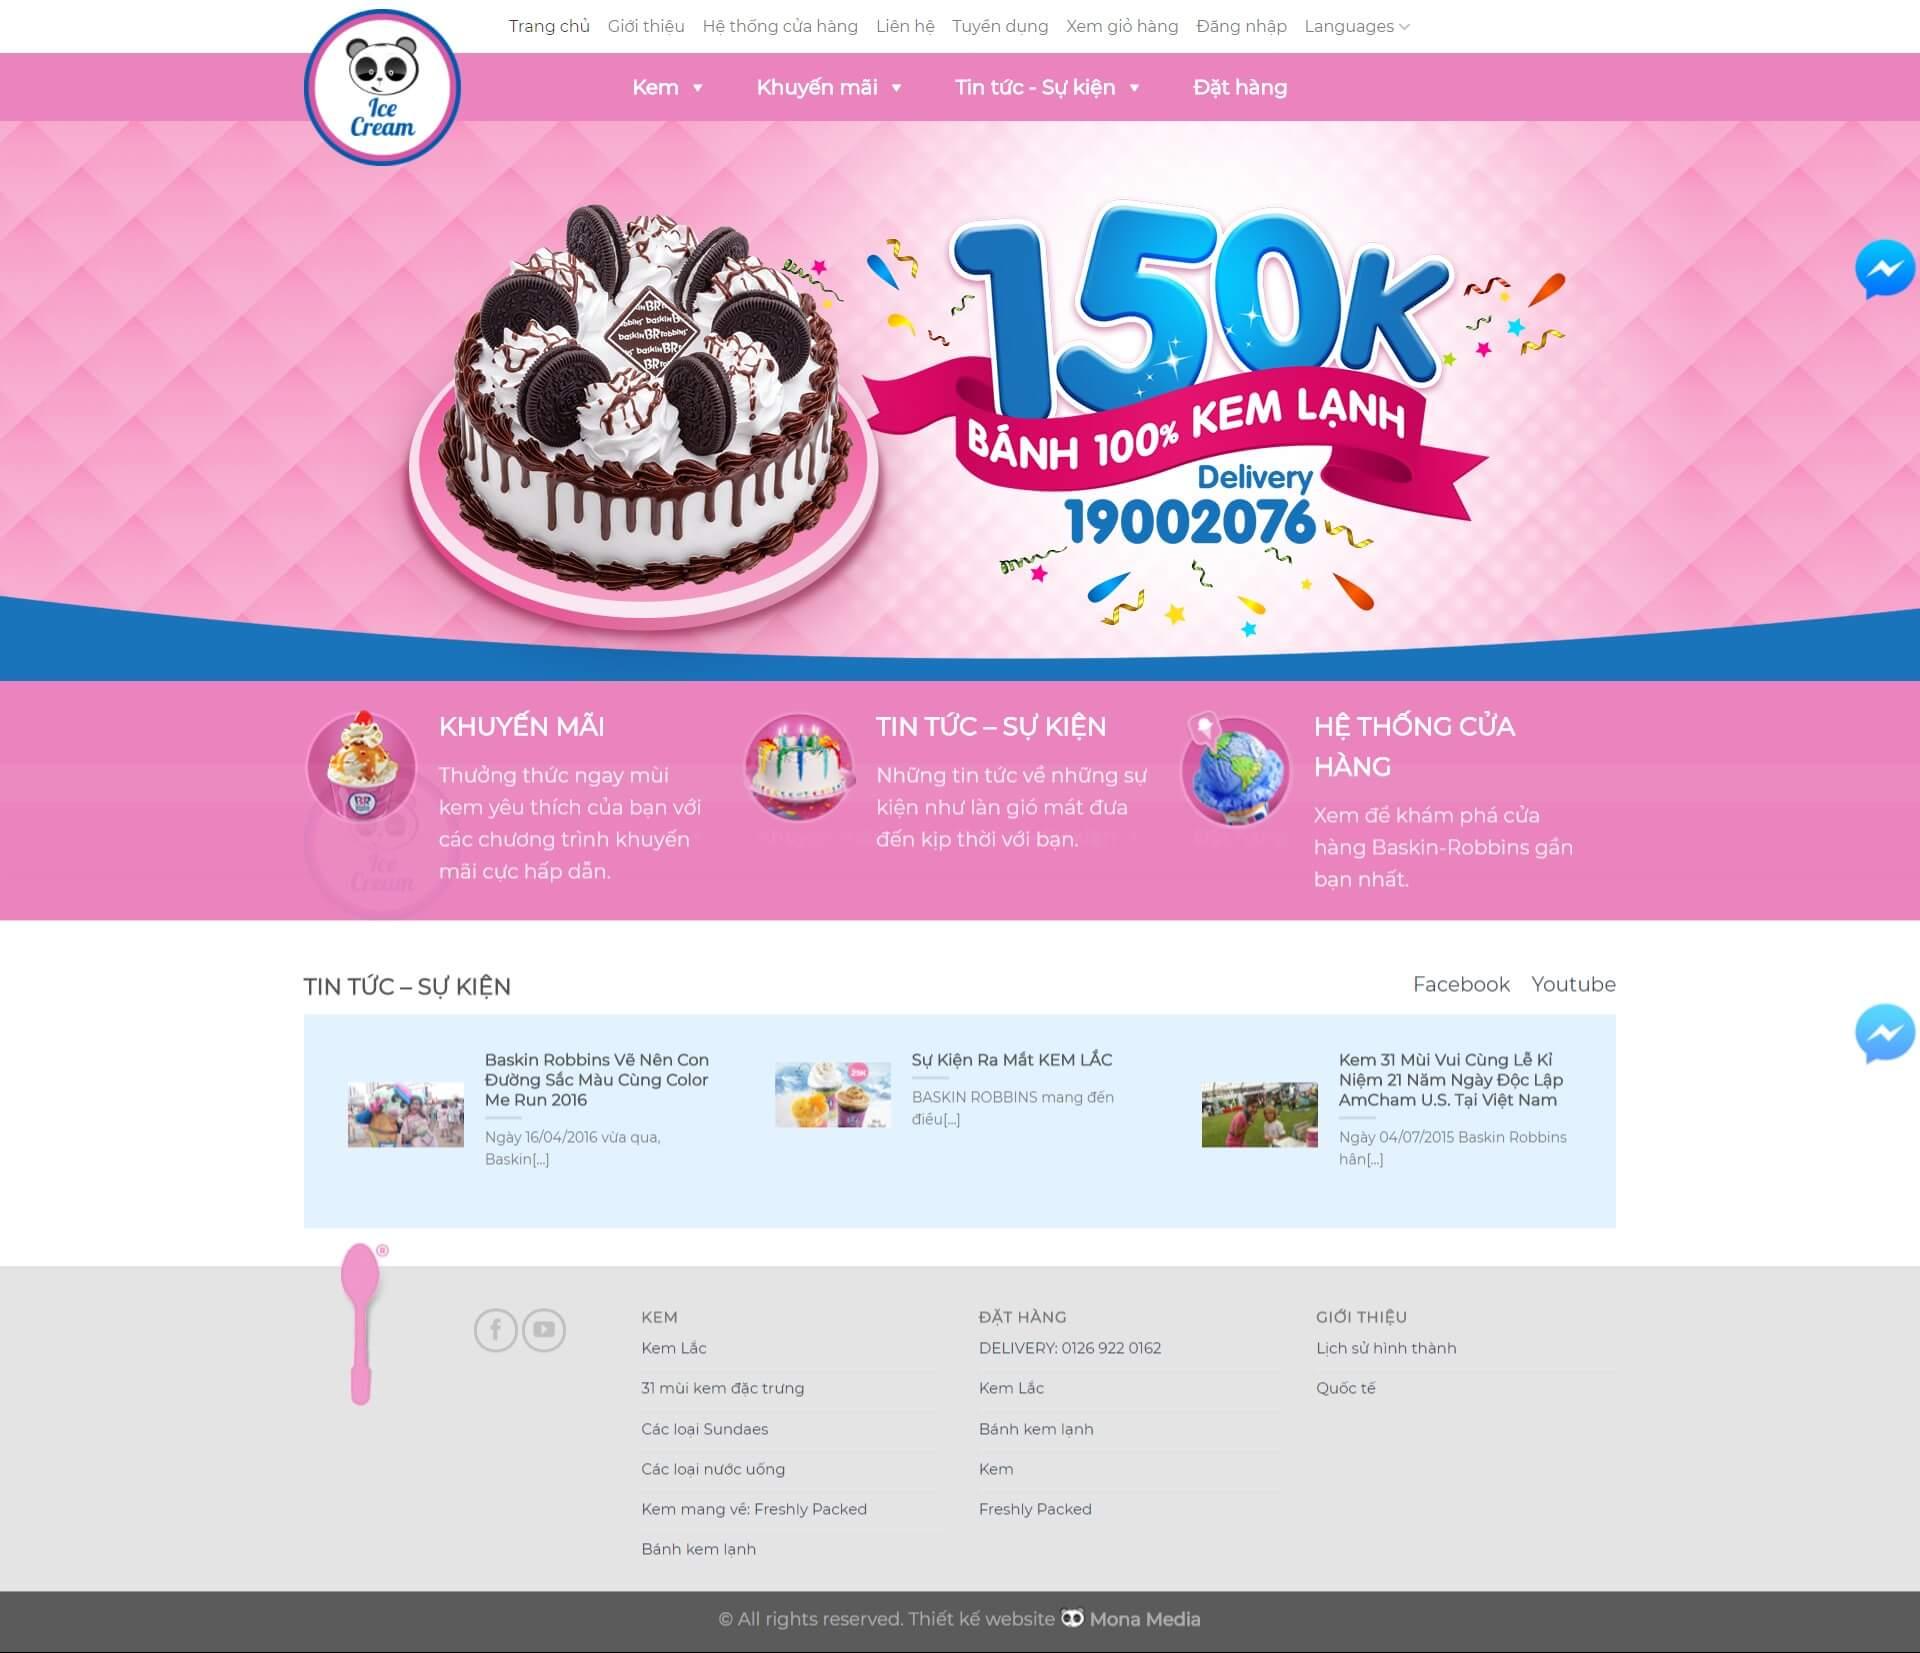 Thiết kế website bán bánh kẹo, bánh kem, kem giống trang web Baskin Robbin